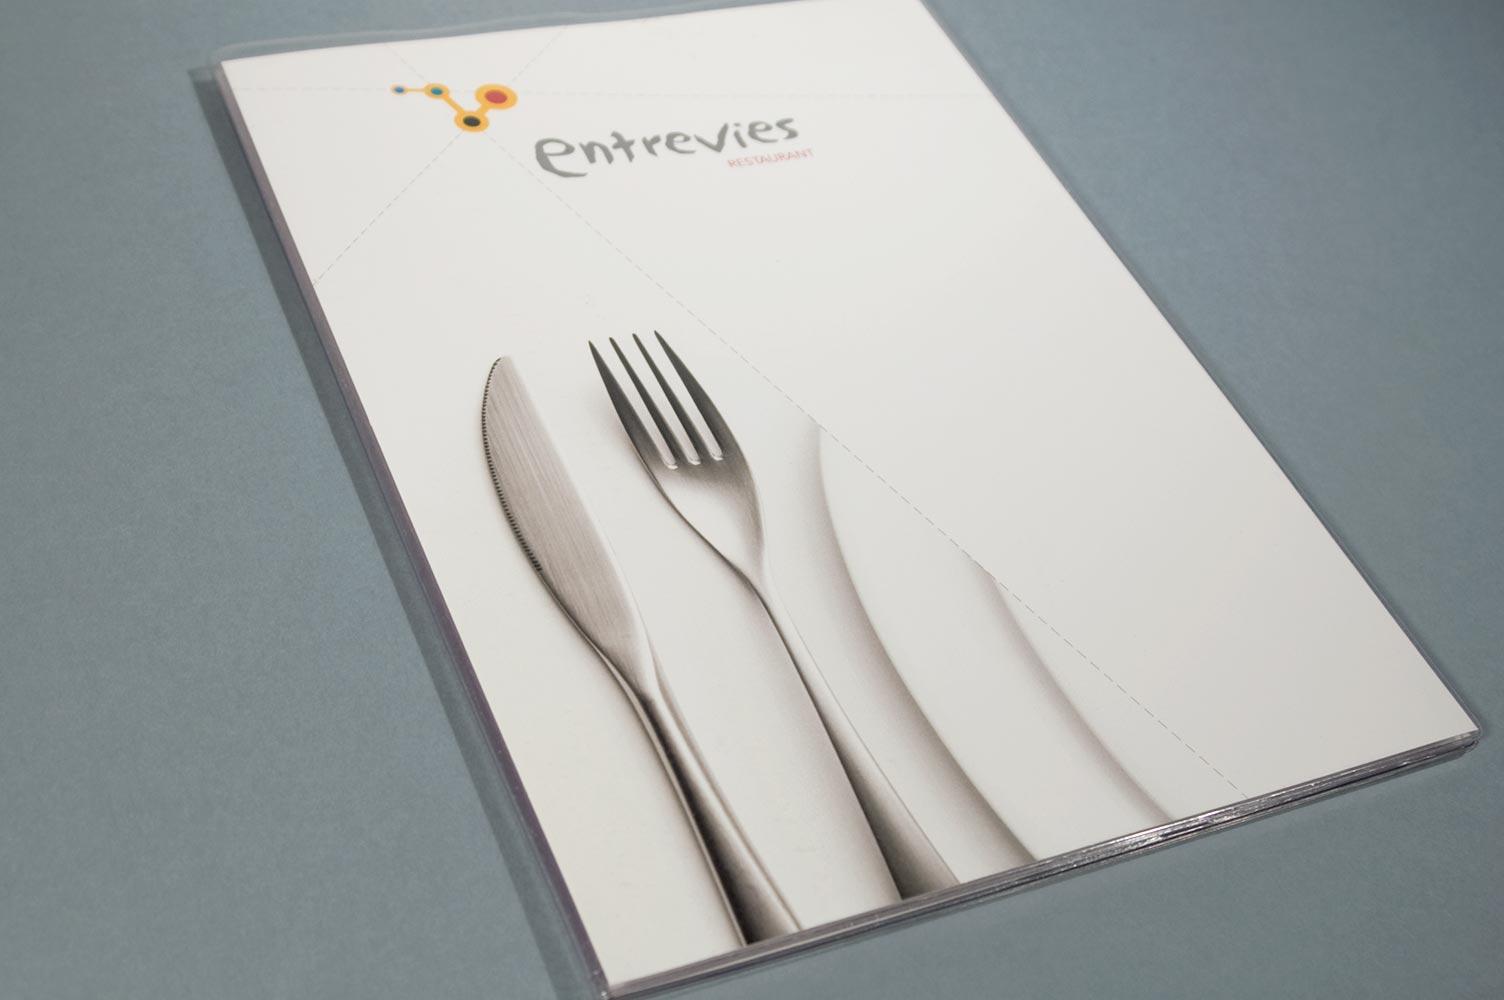 Portada carta de menú restaurante entrevies